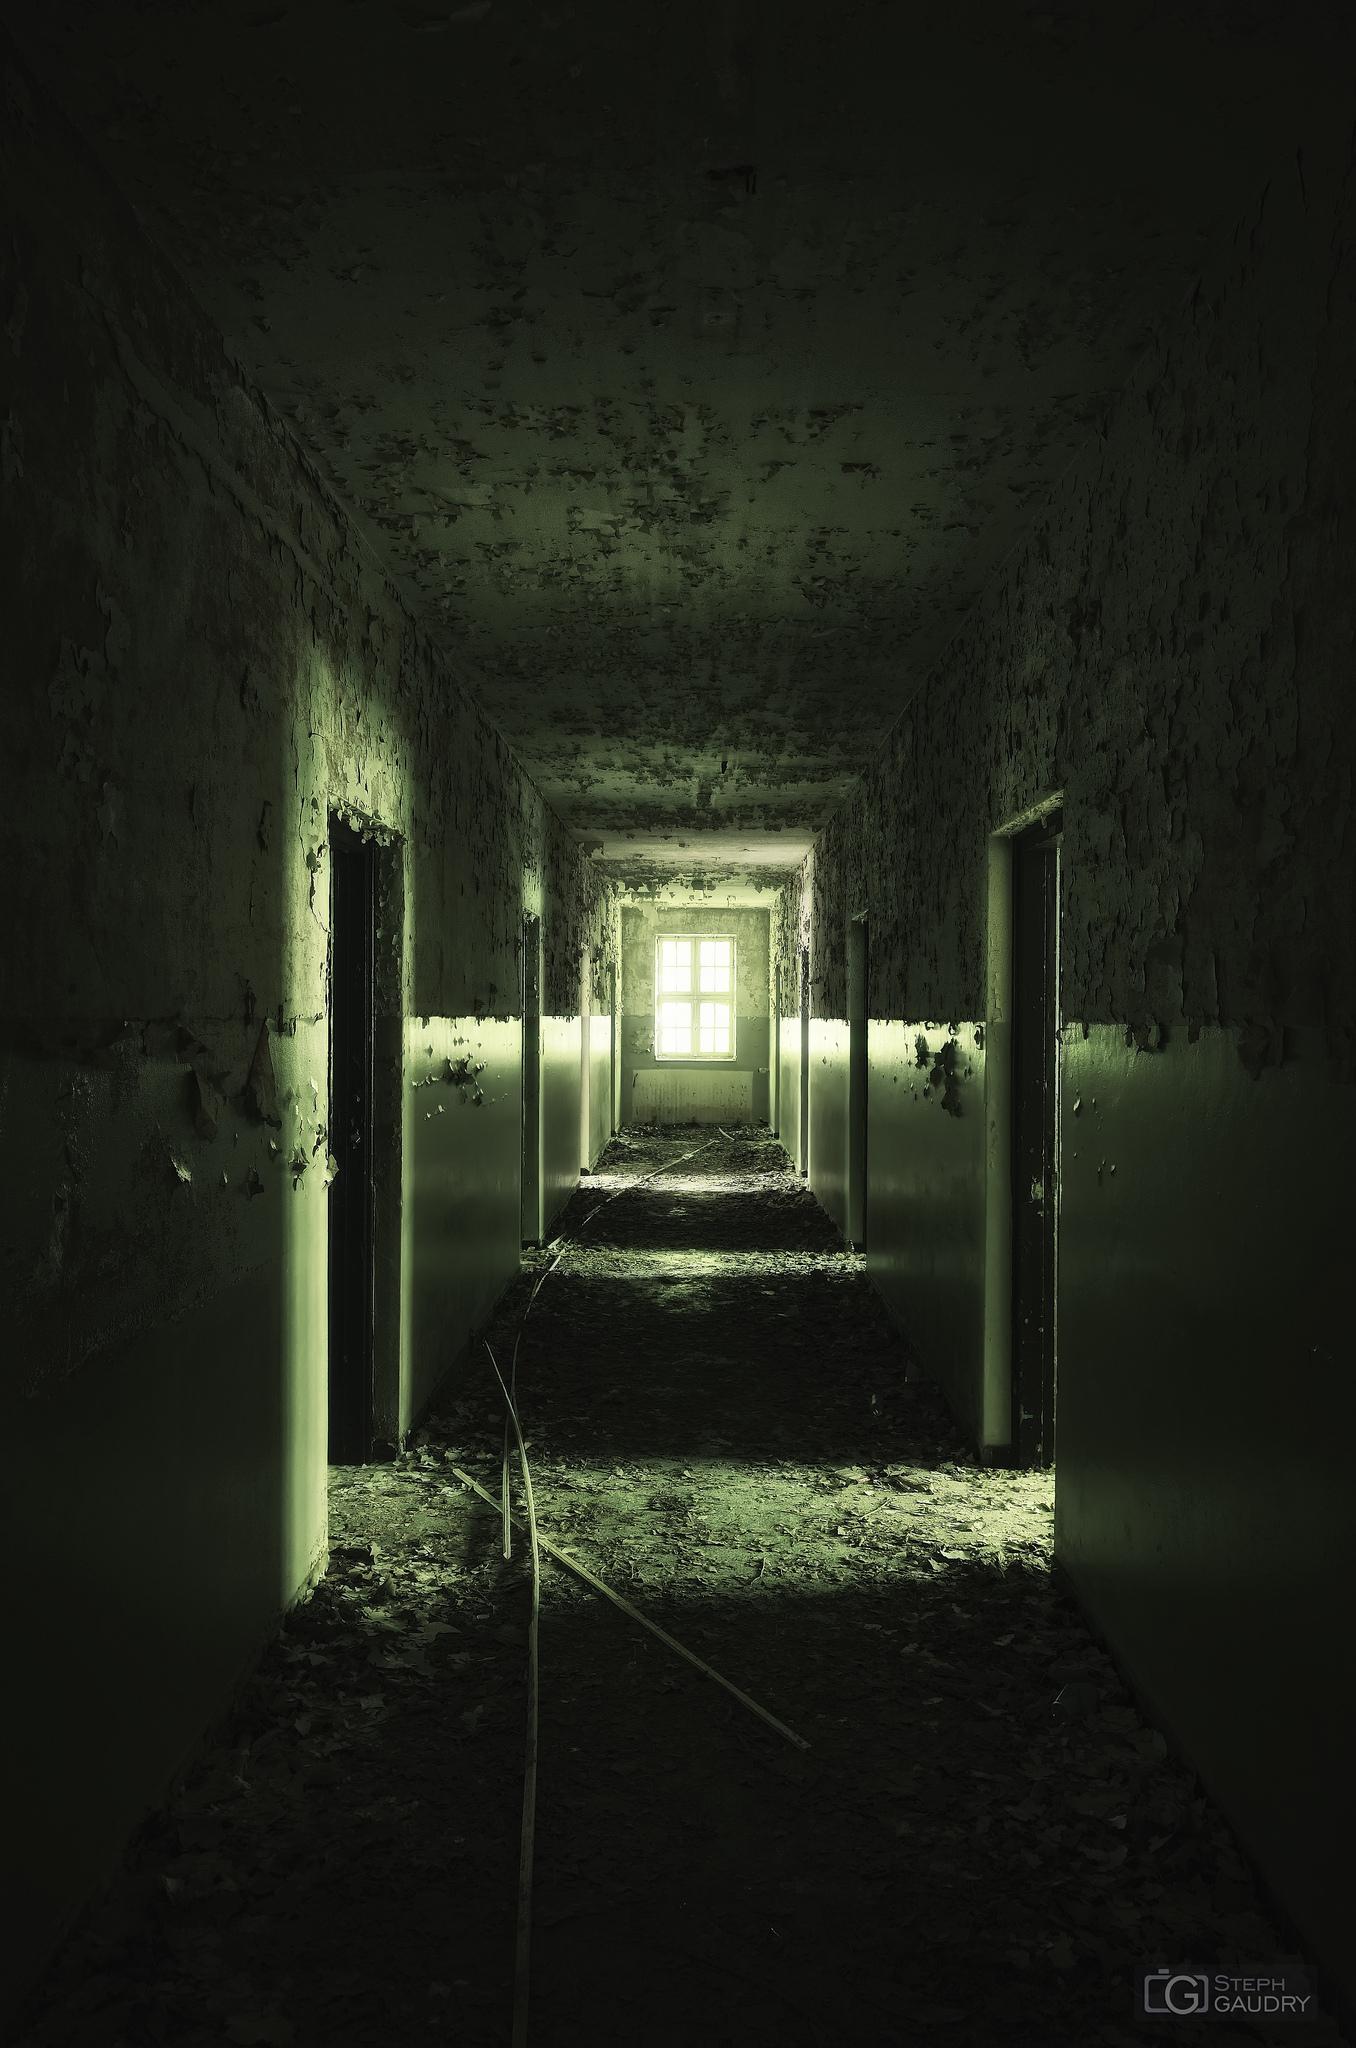 Obsédé par cette froide lumière au bout du couloir... [Klik om de diavoorstelling te starten]